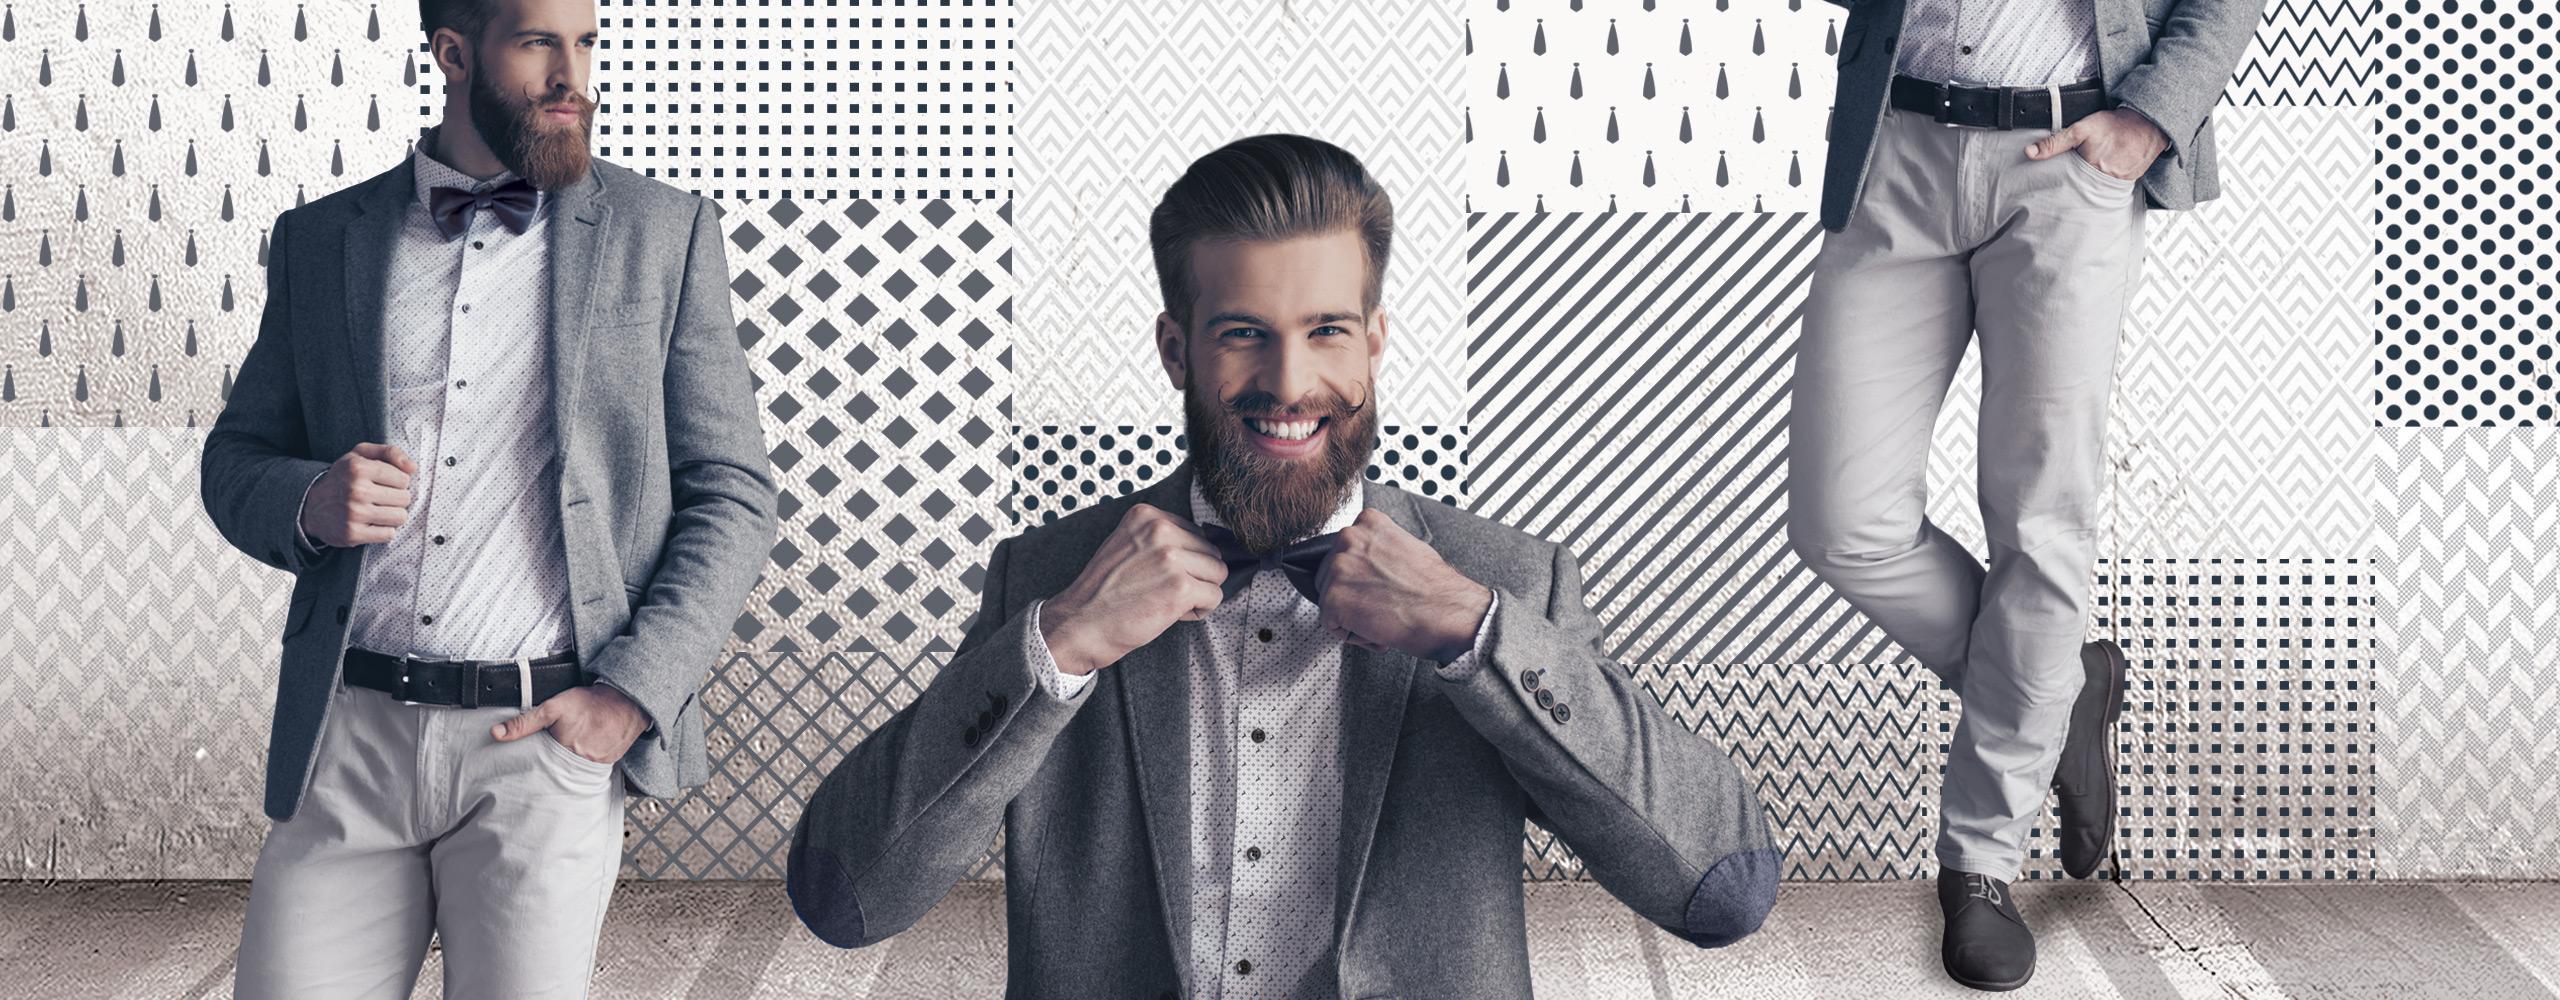 Nastri grigi per abiti sulle tonalità del grigio